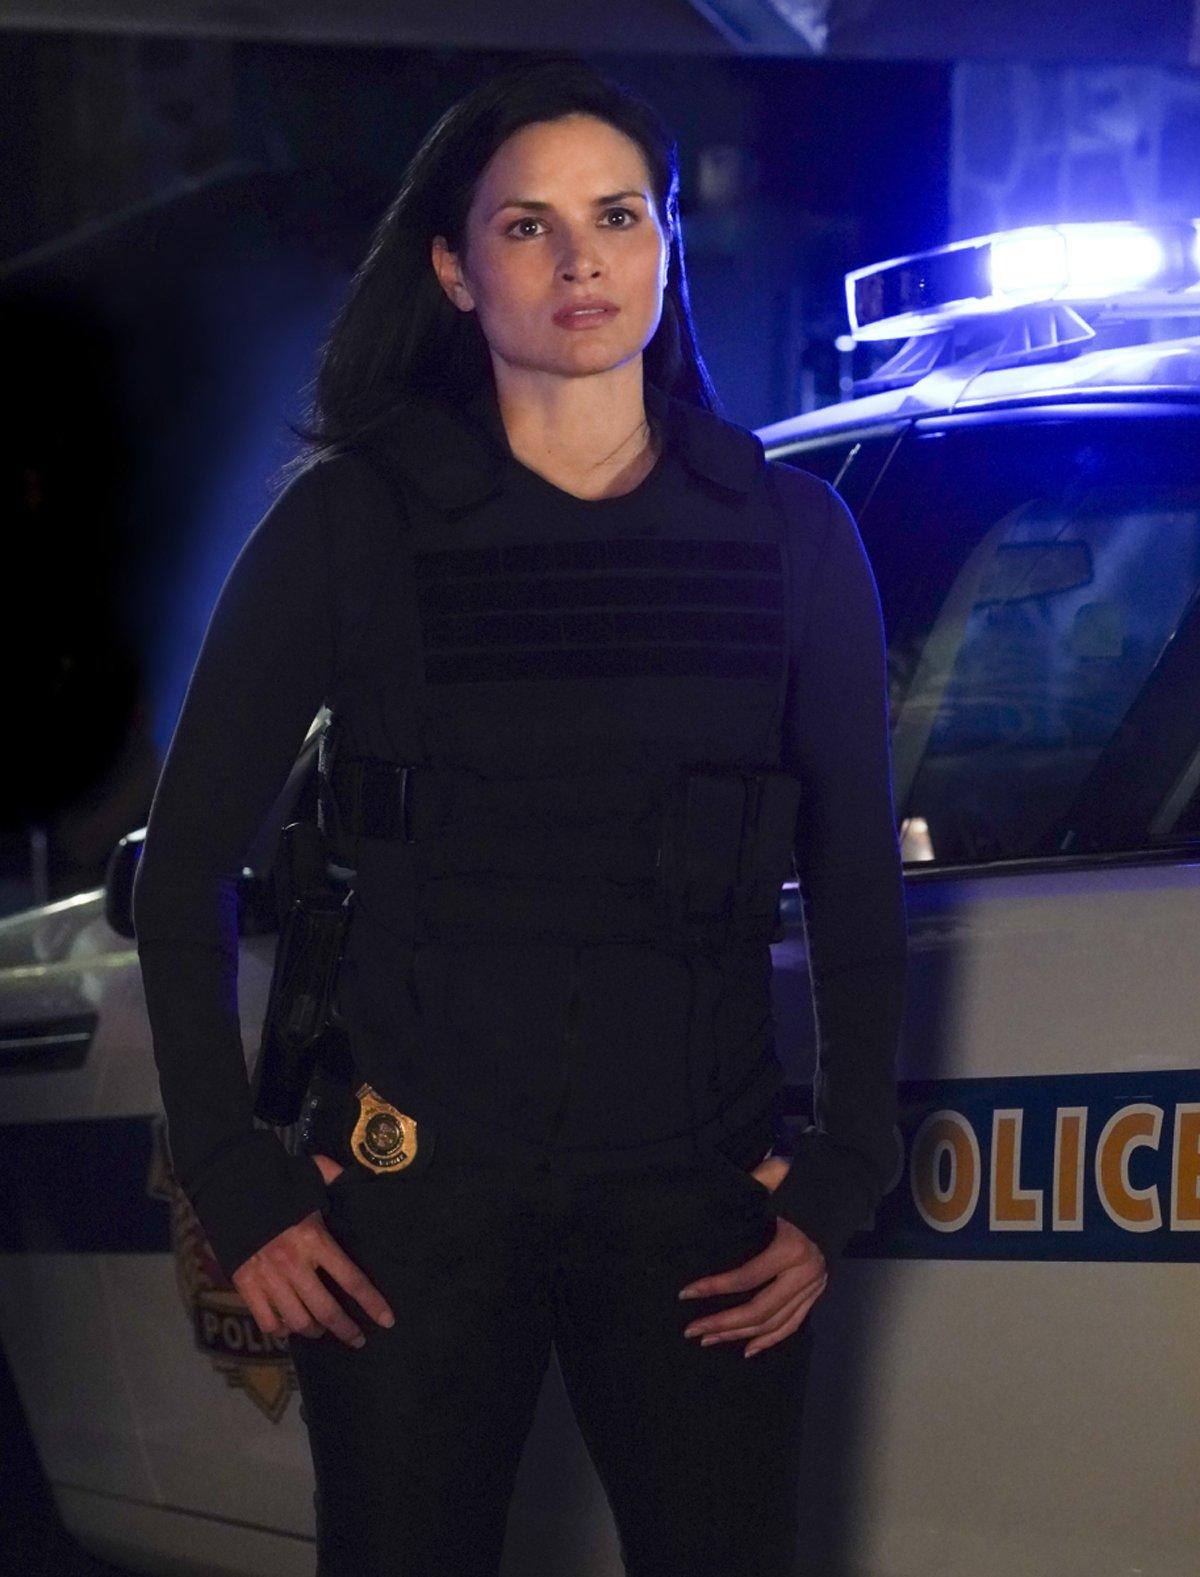 Hawaii Five-0 Season 10 Premiere Katrina Law as Quinn Liu CBS